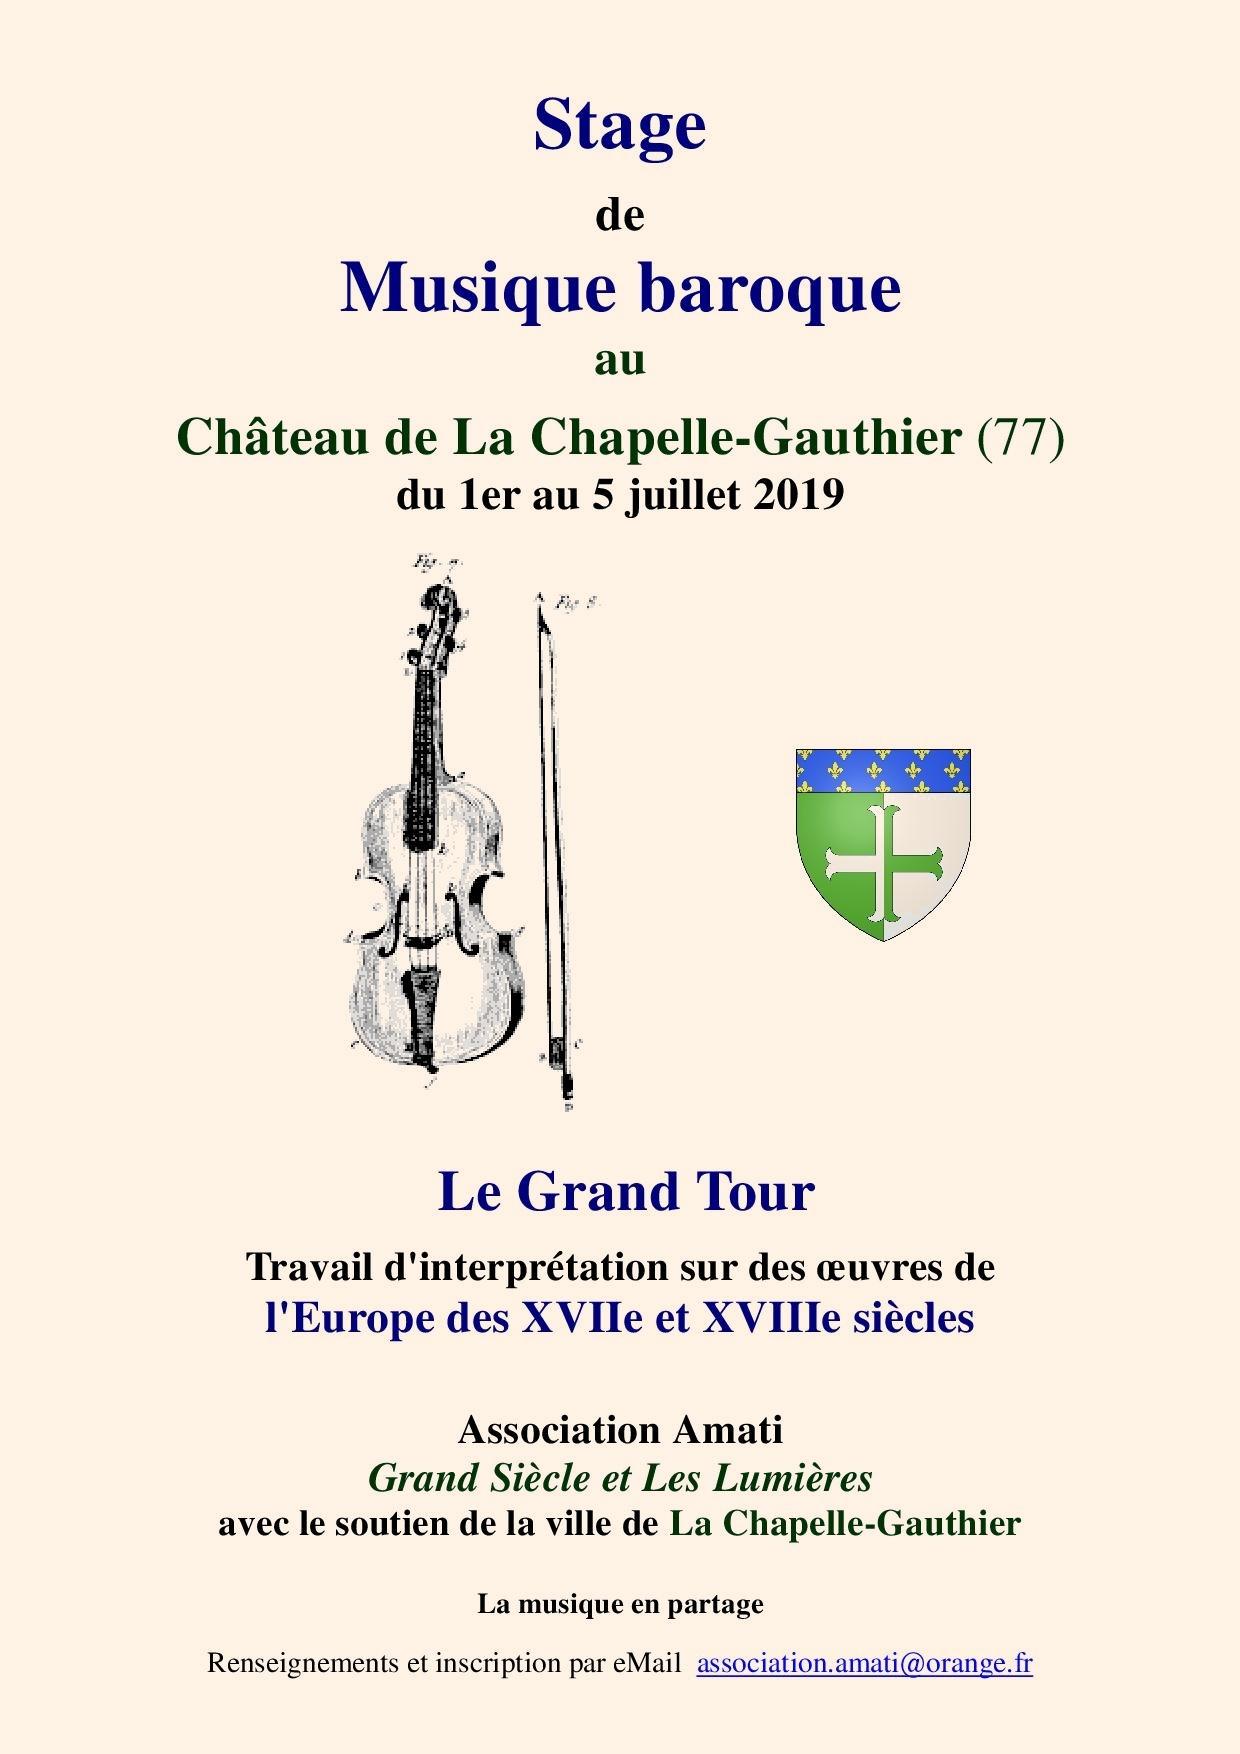 Stage de musique baroque 2019